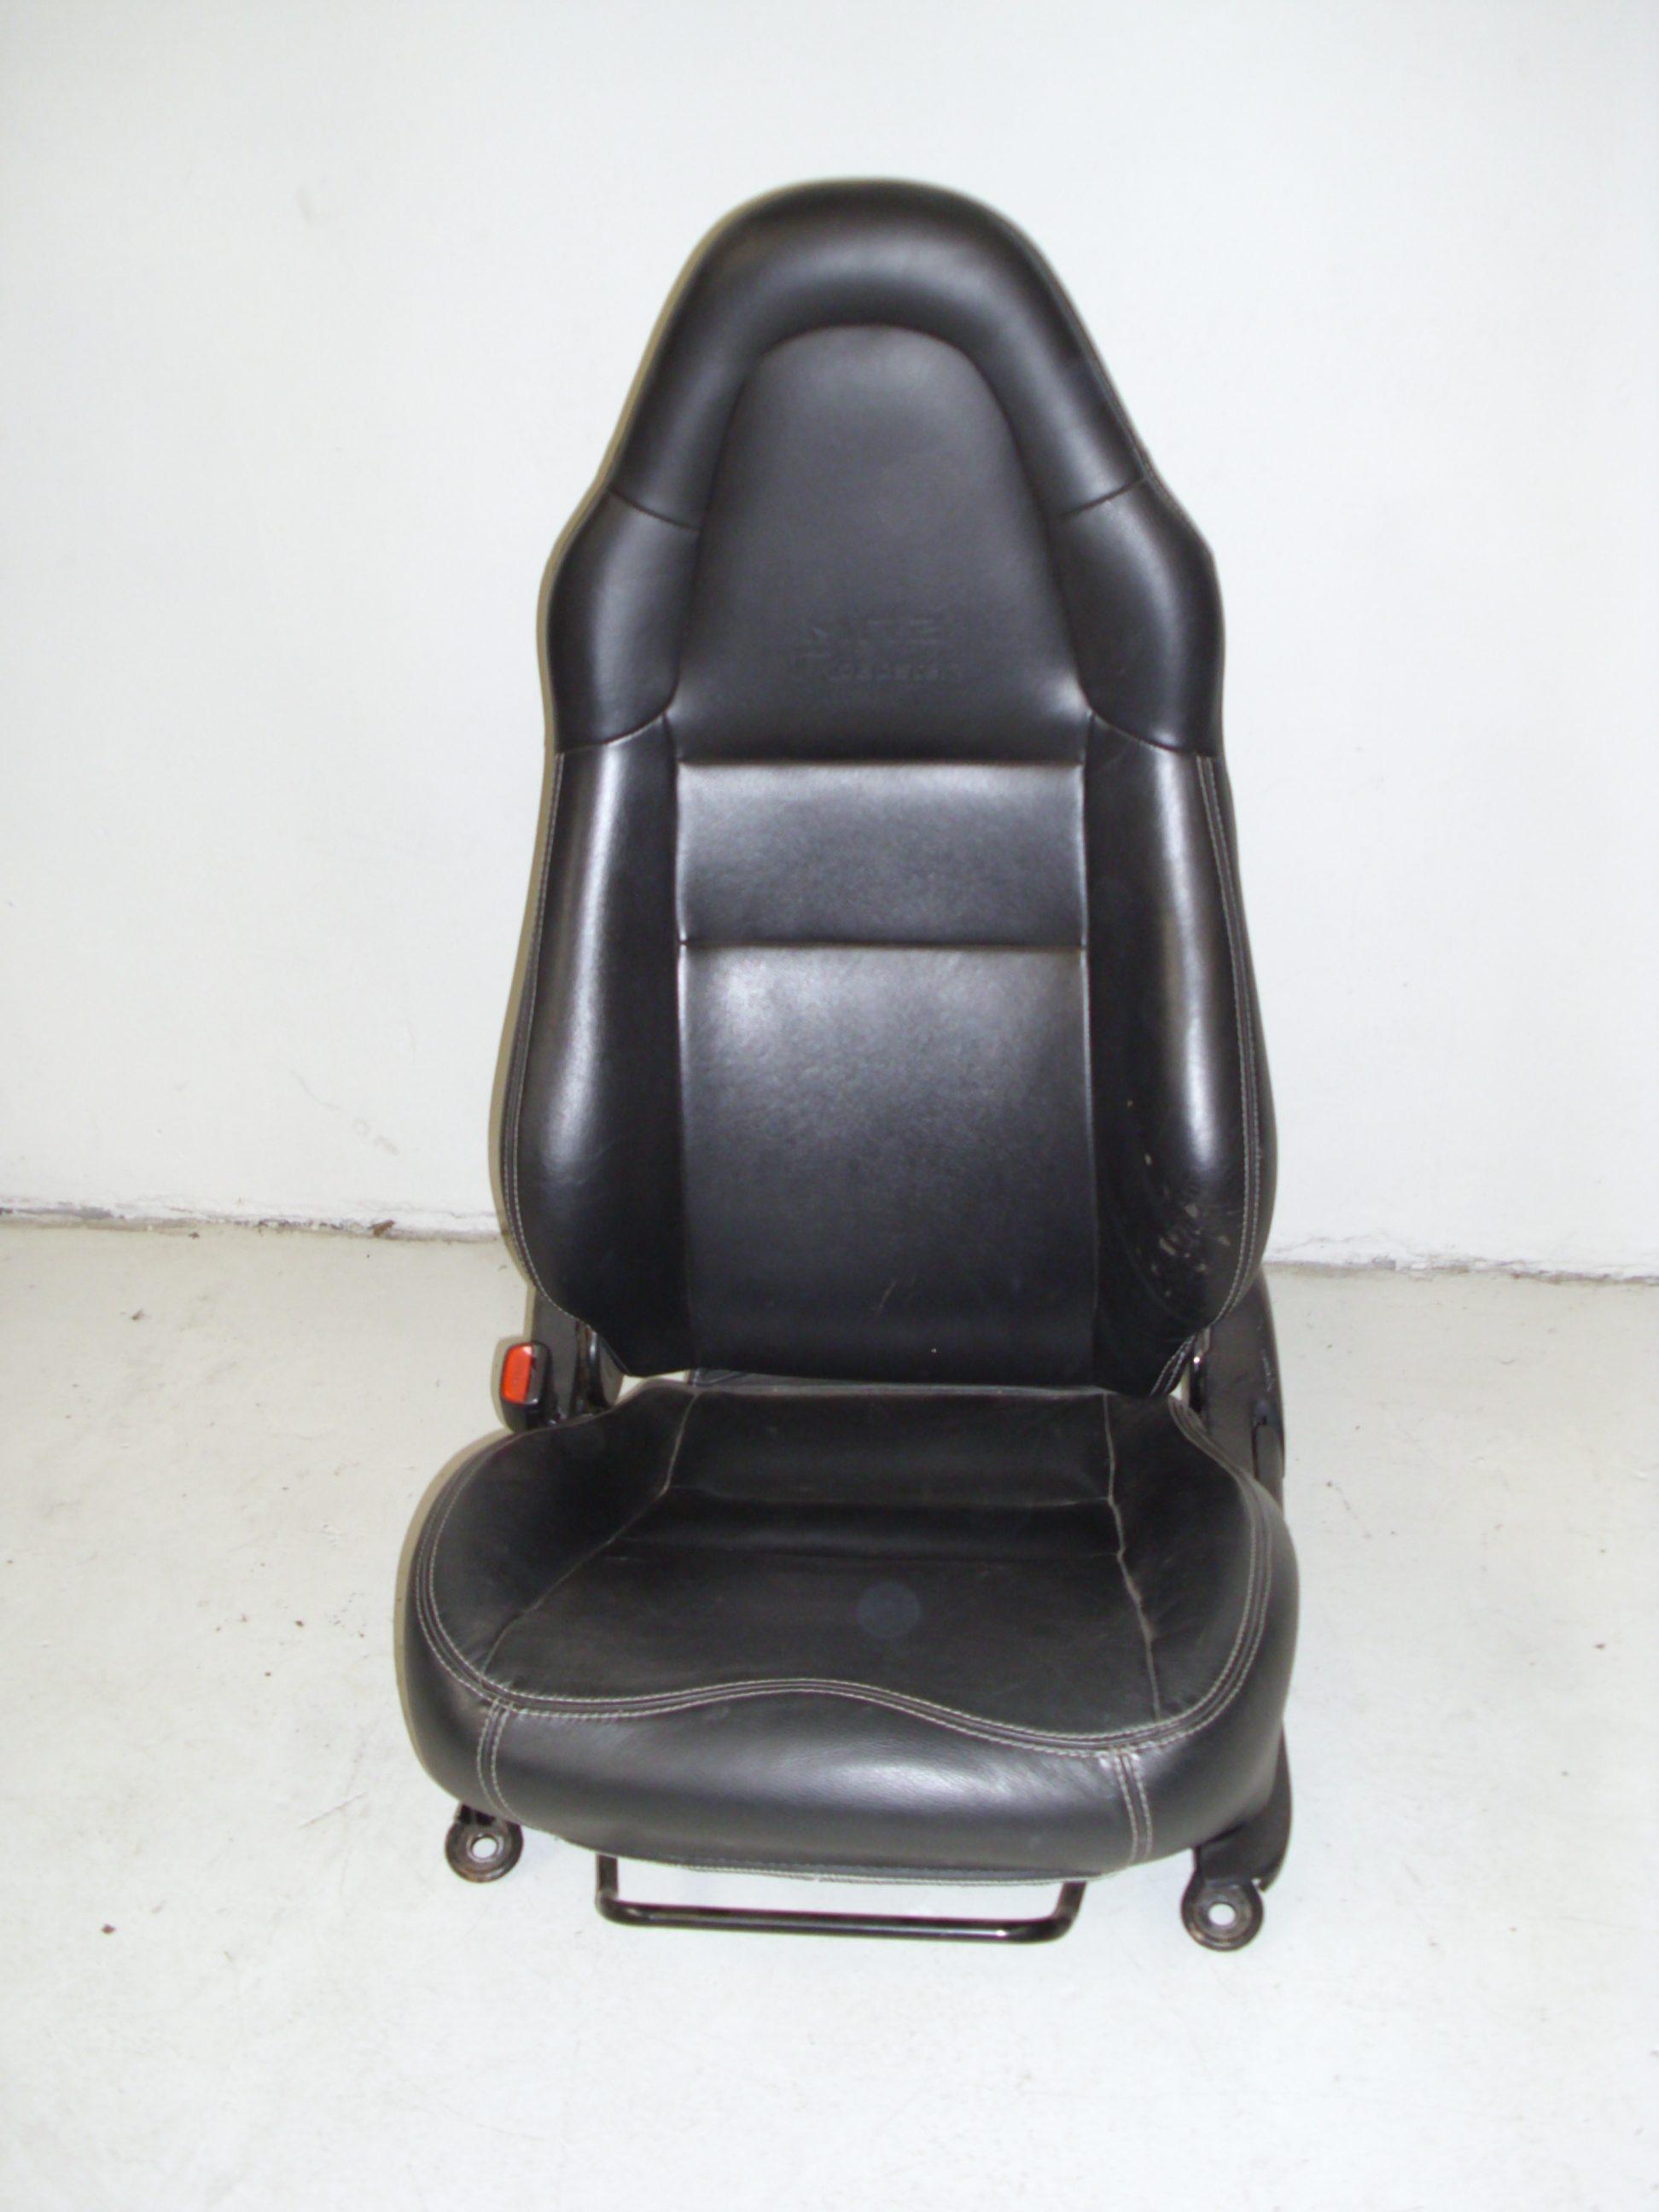 Lederen stoelen roadster eu for Lederen stoelen